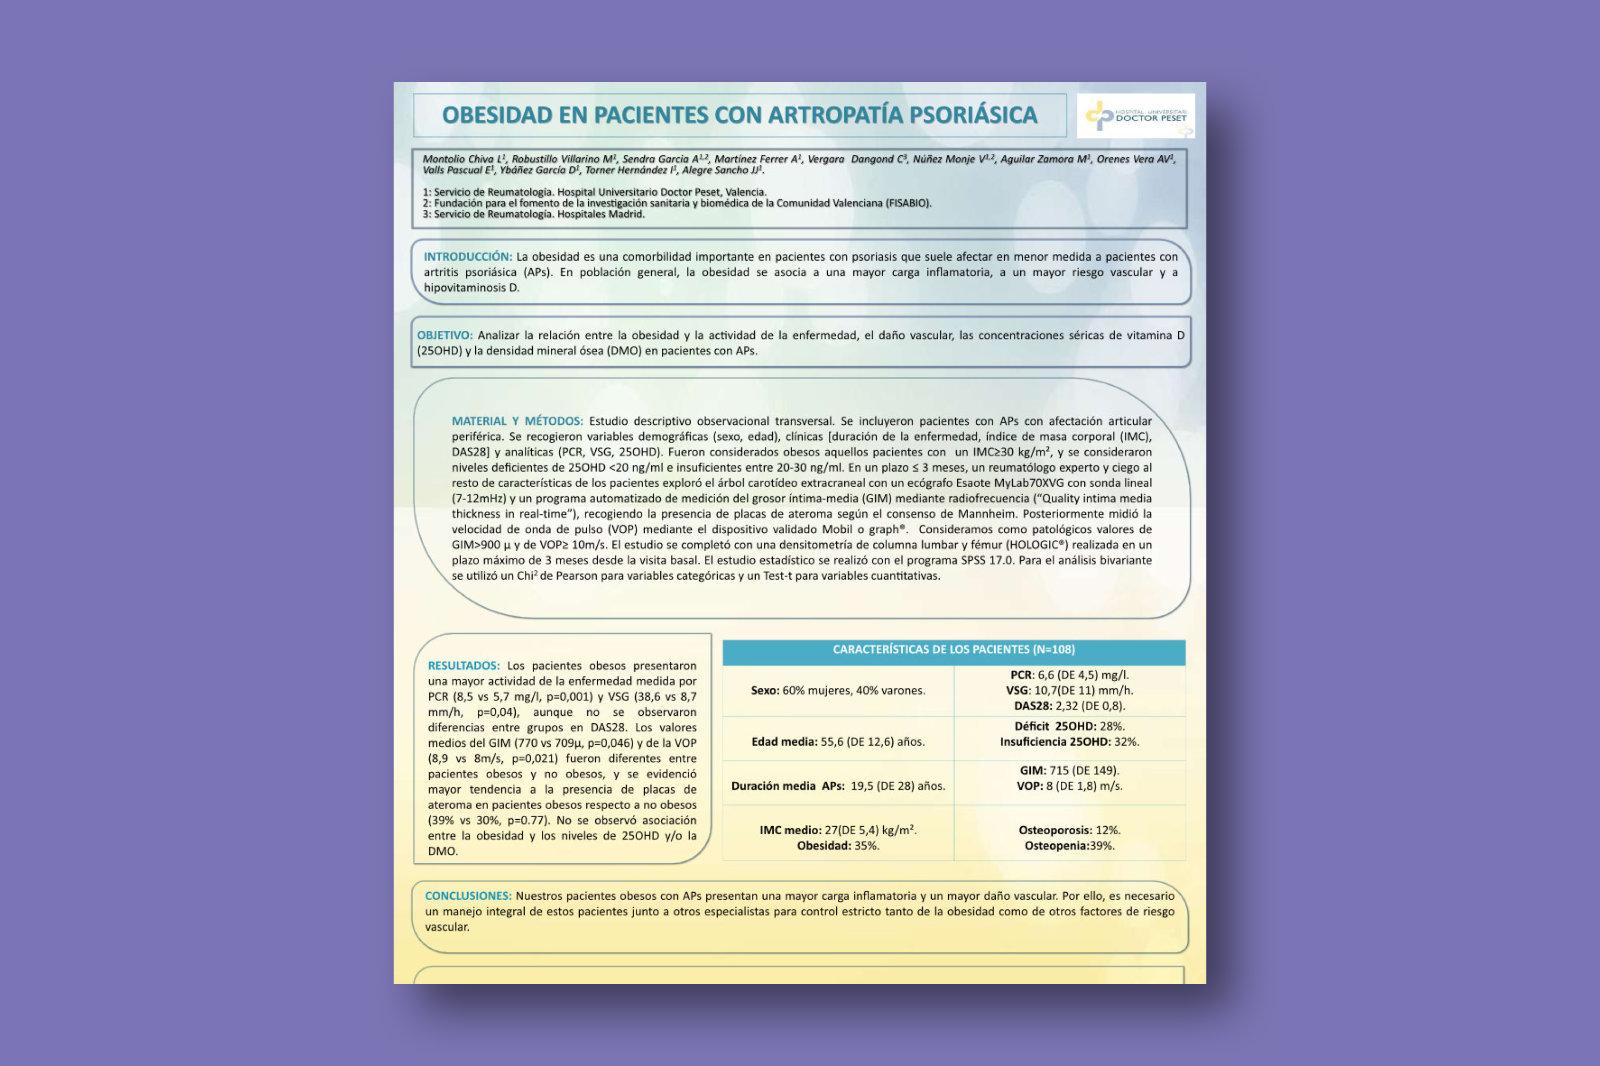 Obesidad en pacientes con Artropatía Psoriásica